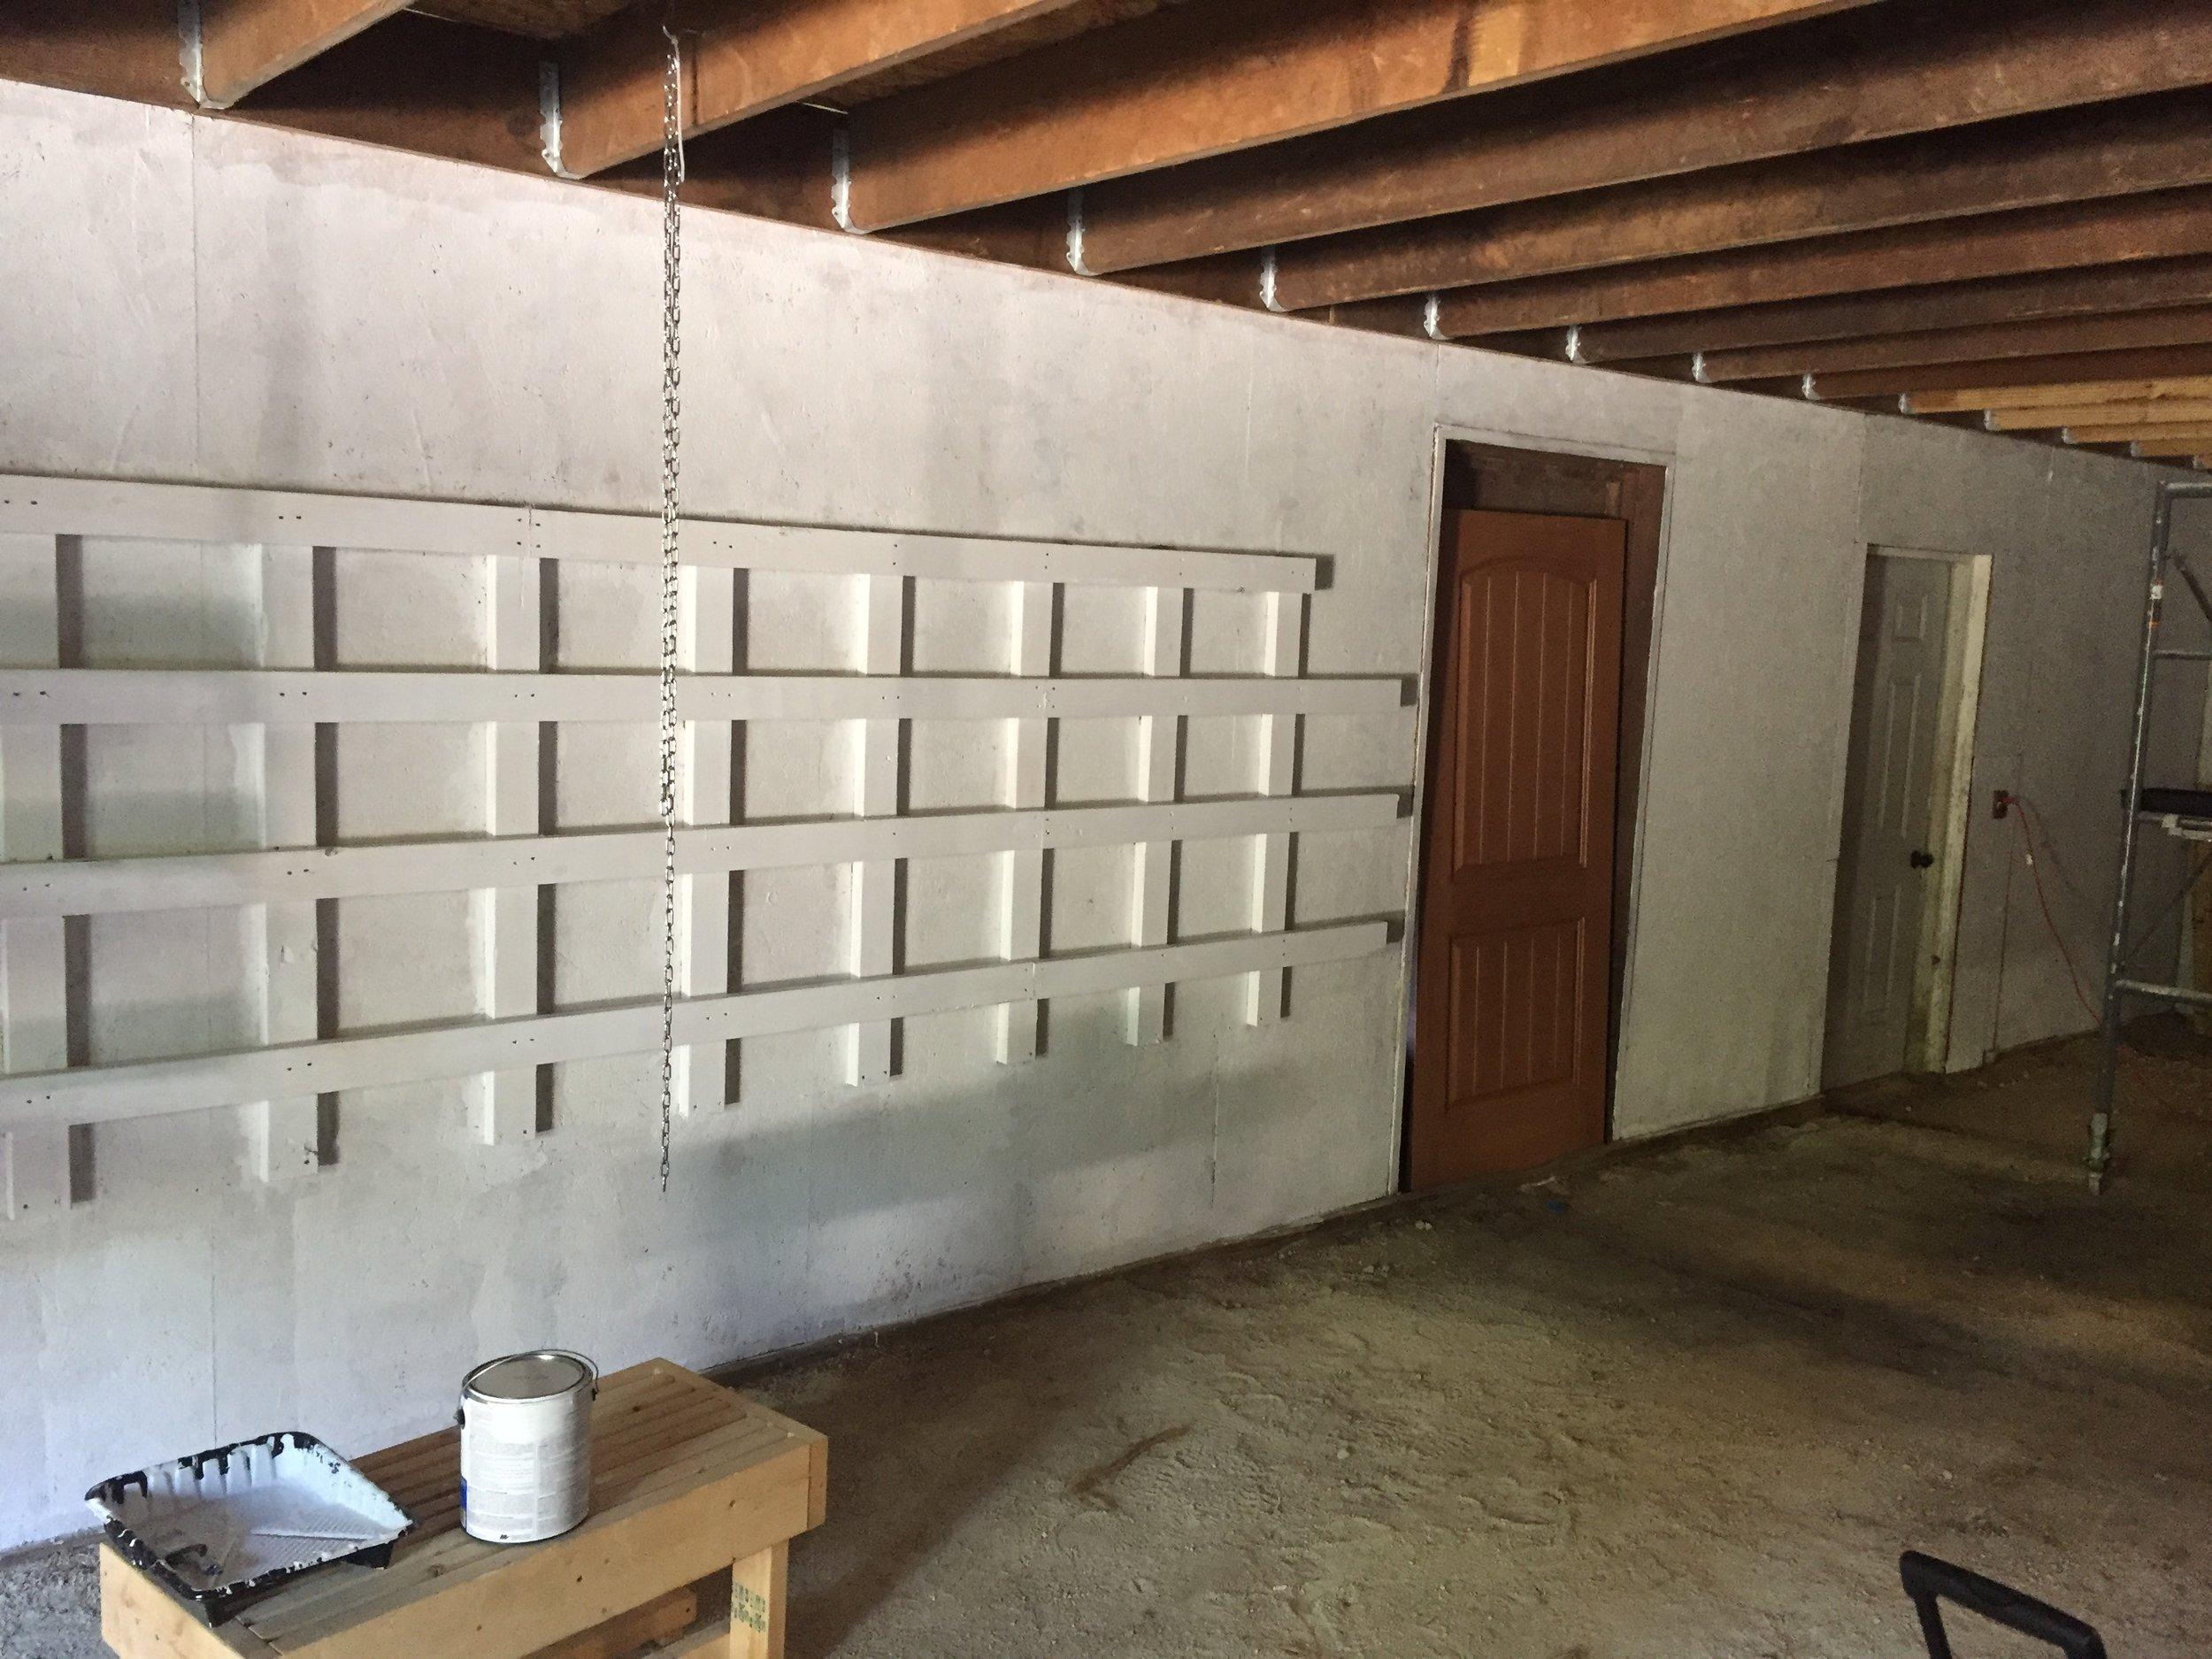 primer w:o shelves.JPG